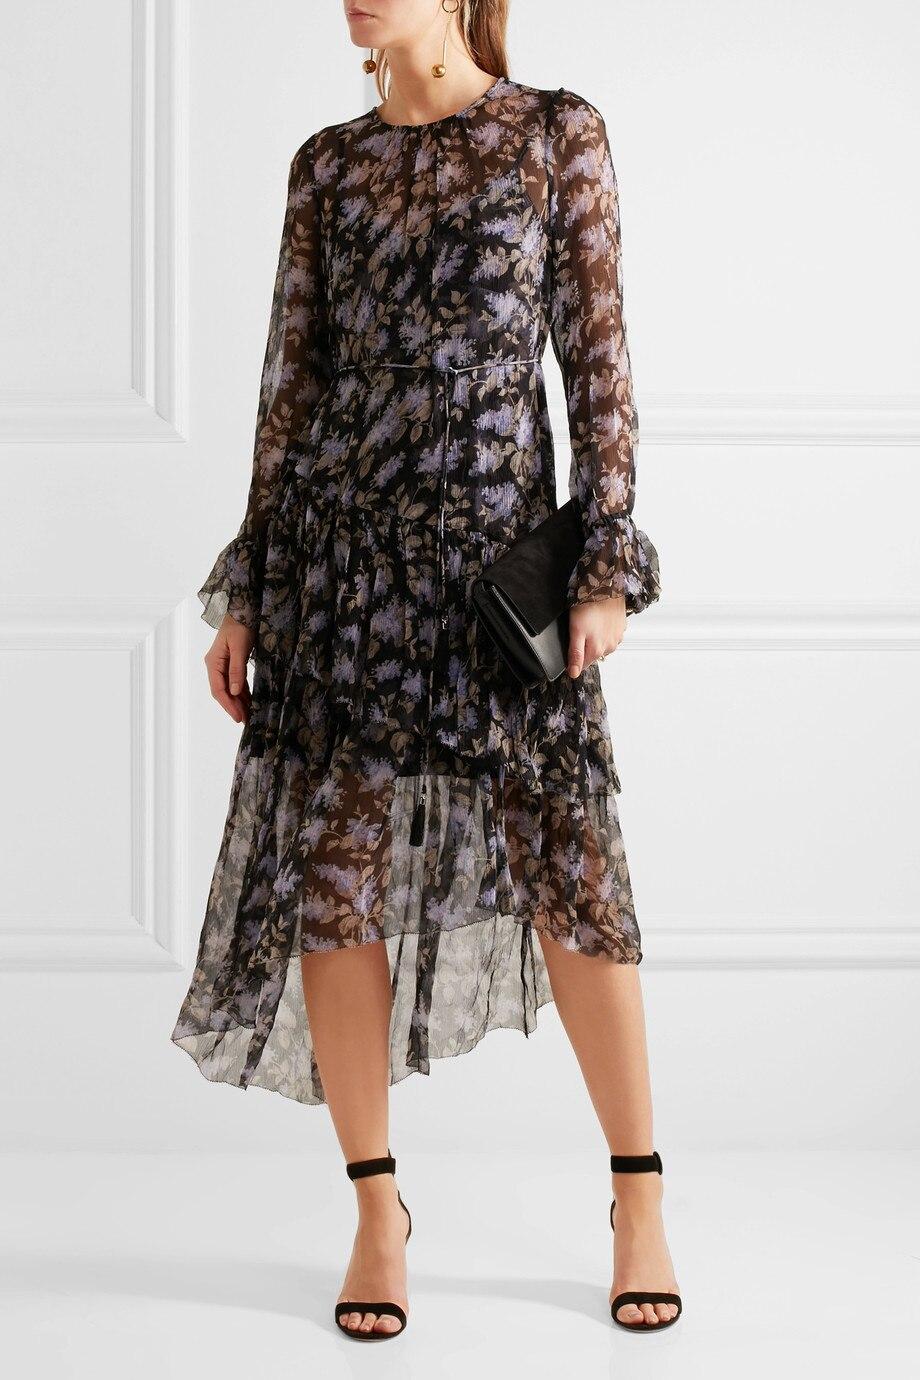 Women Stranded Tier Long Dress Black Lavender Floral Silk Crinkle Georgette Floral Shift Dress Ruffled Floral-Print Dress